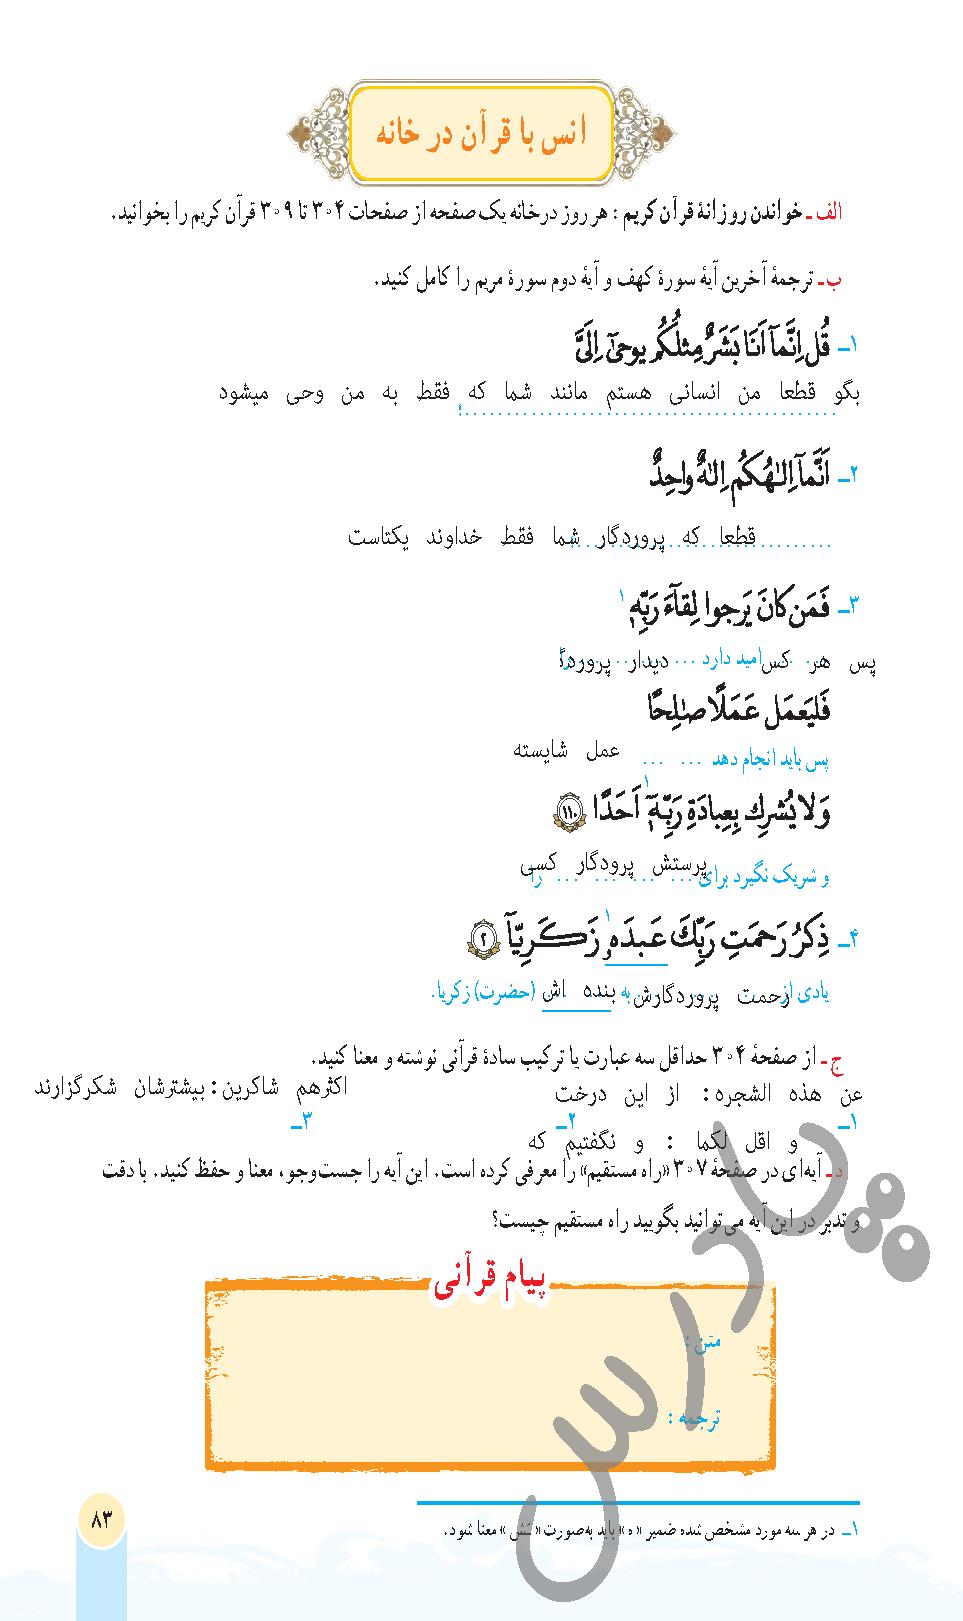 جواب انس با قرآن درس 9 قرآن هفتم - جلسه اول